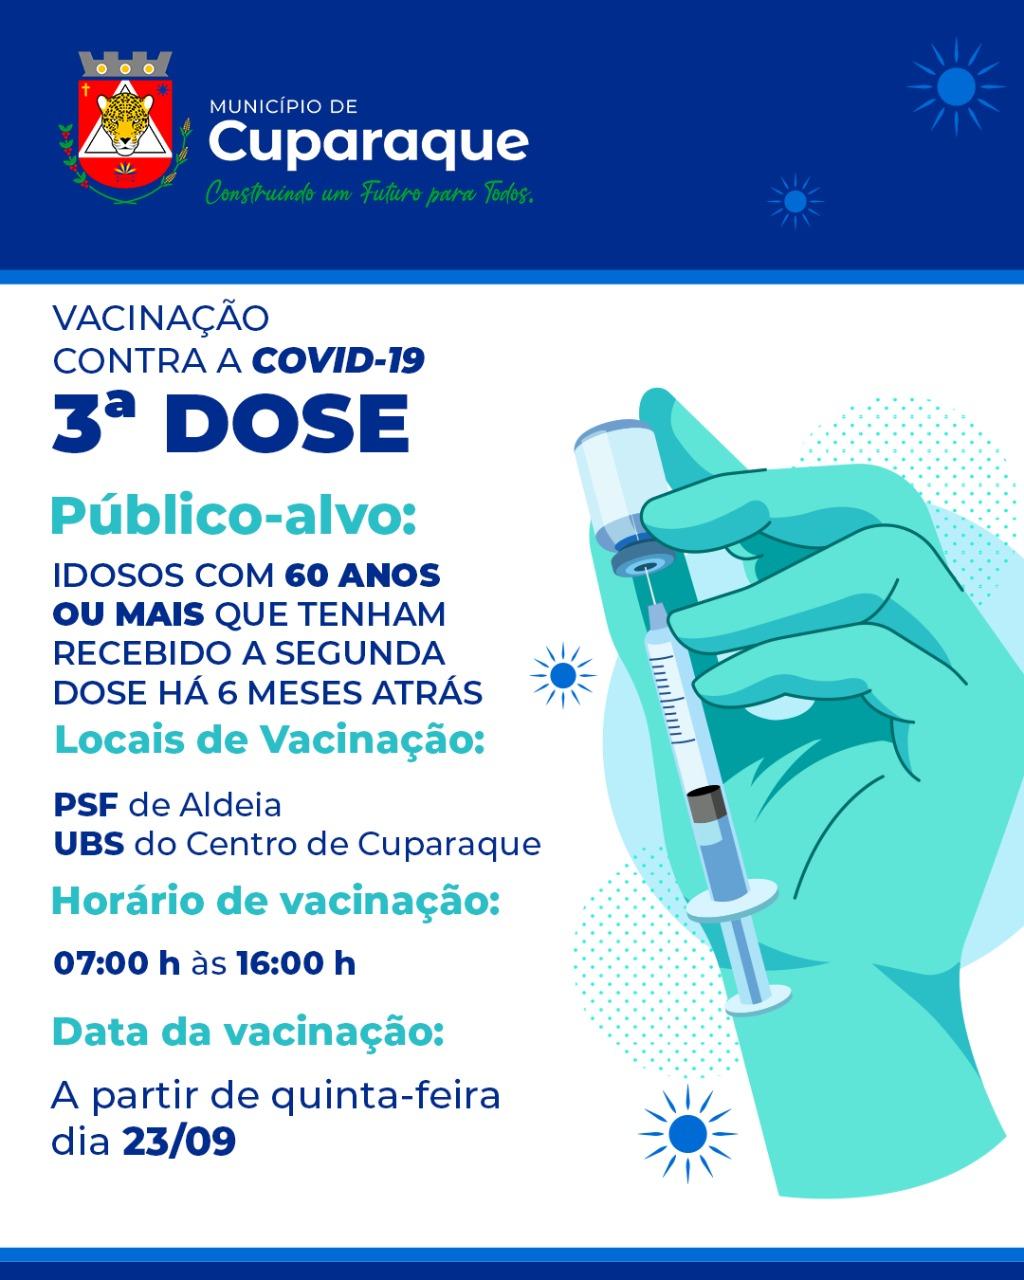 CUPARAQUE COMEÇA A VACINAR 3.ª DOSE CONTRA COVID EM IDOSOS COM MAIS DE 60 ANOS